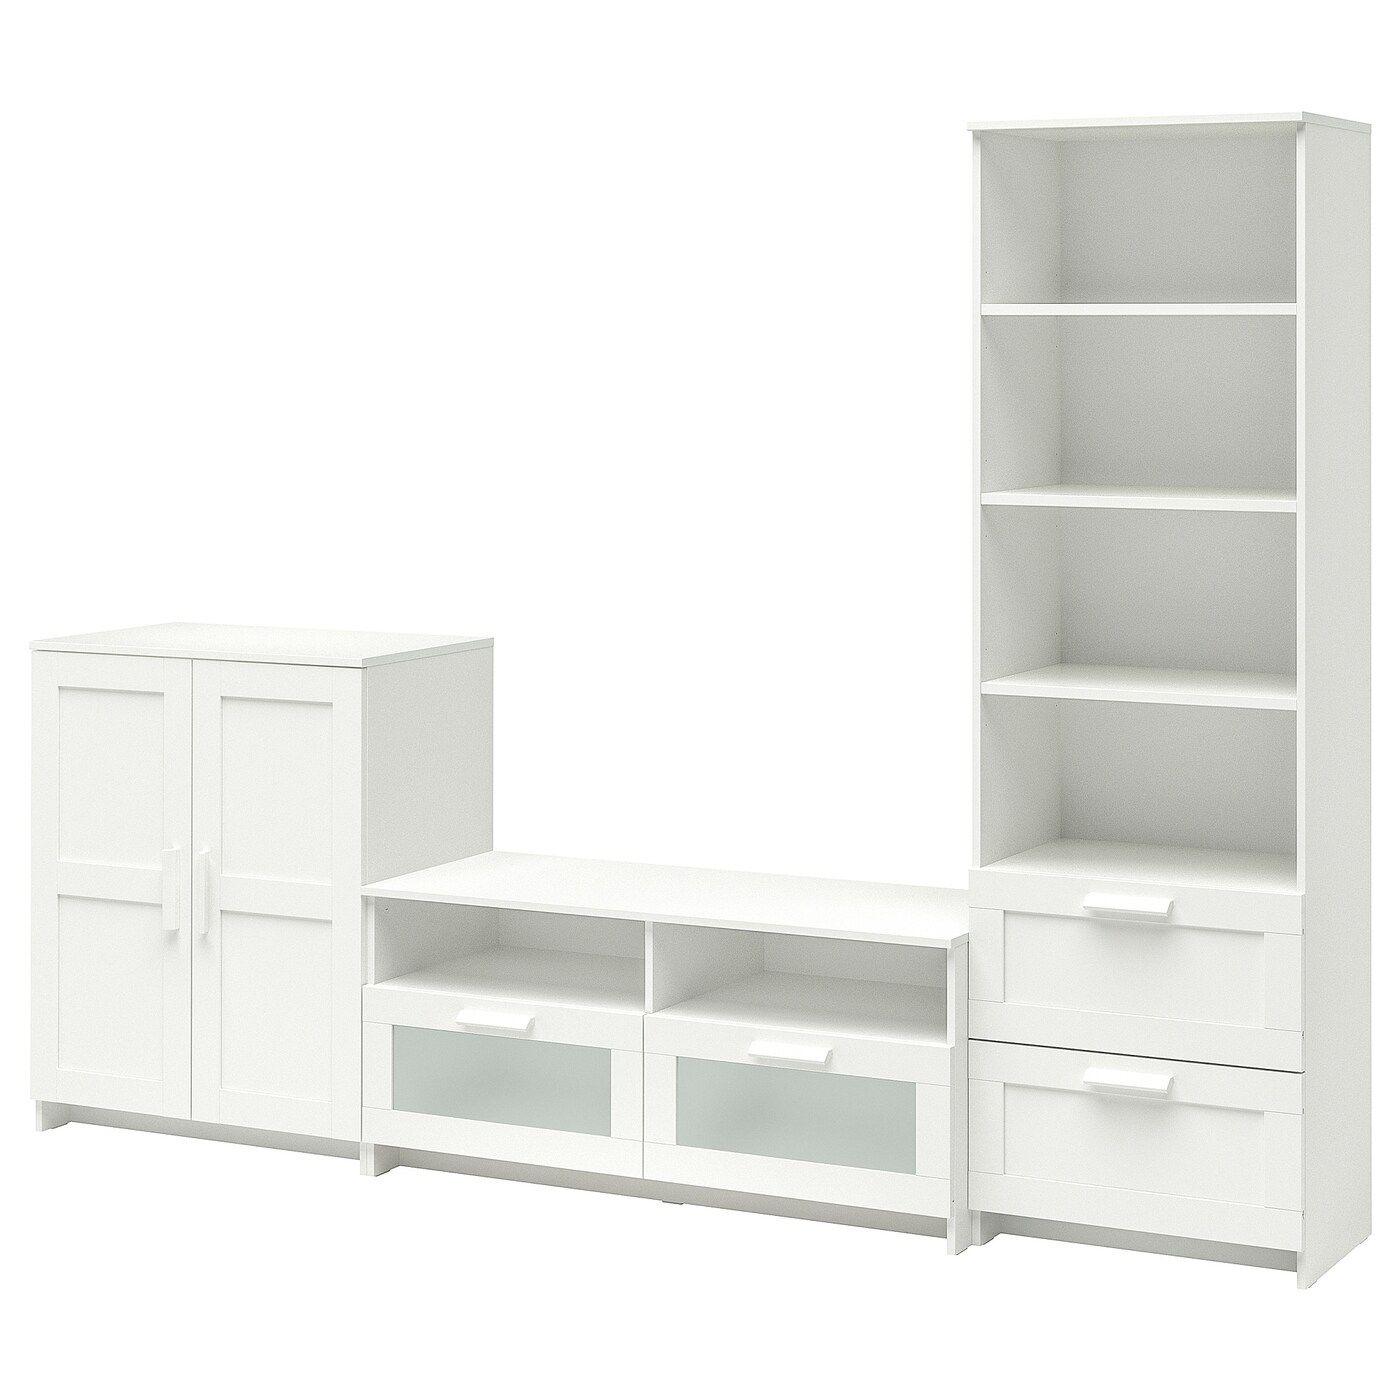 Hemnes Ikea Tv Kast.Brimnes Tv Meubel Combi In 2020 Tv Storage Brimnes Ikea